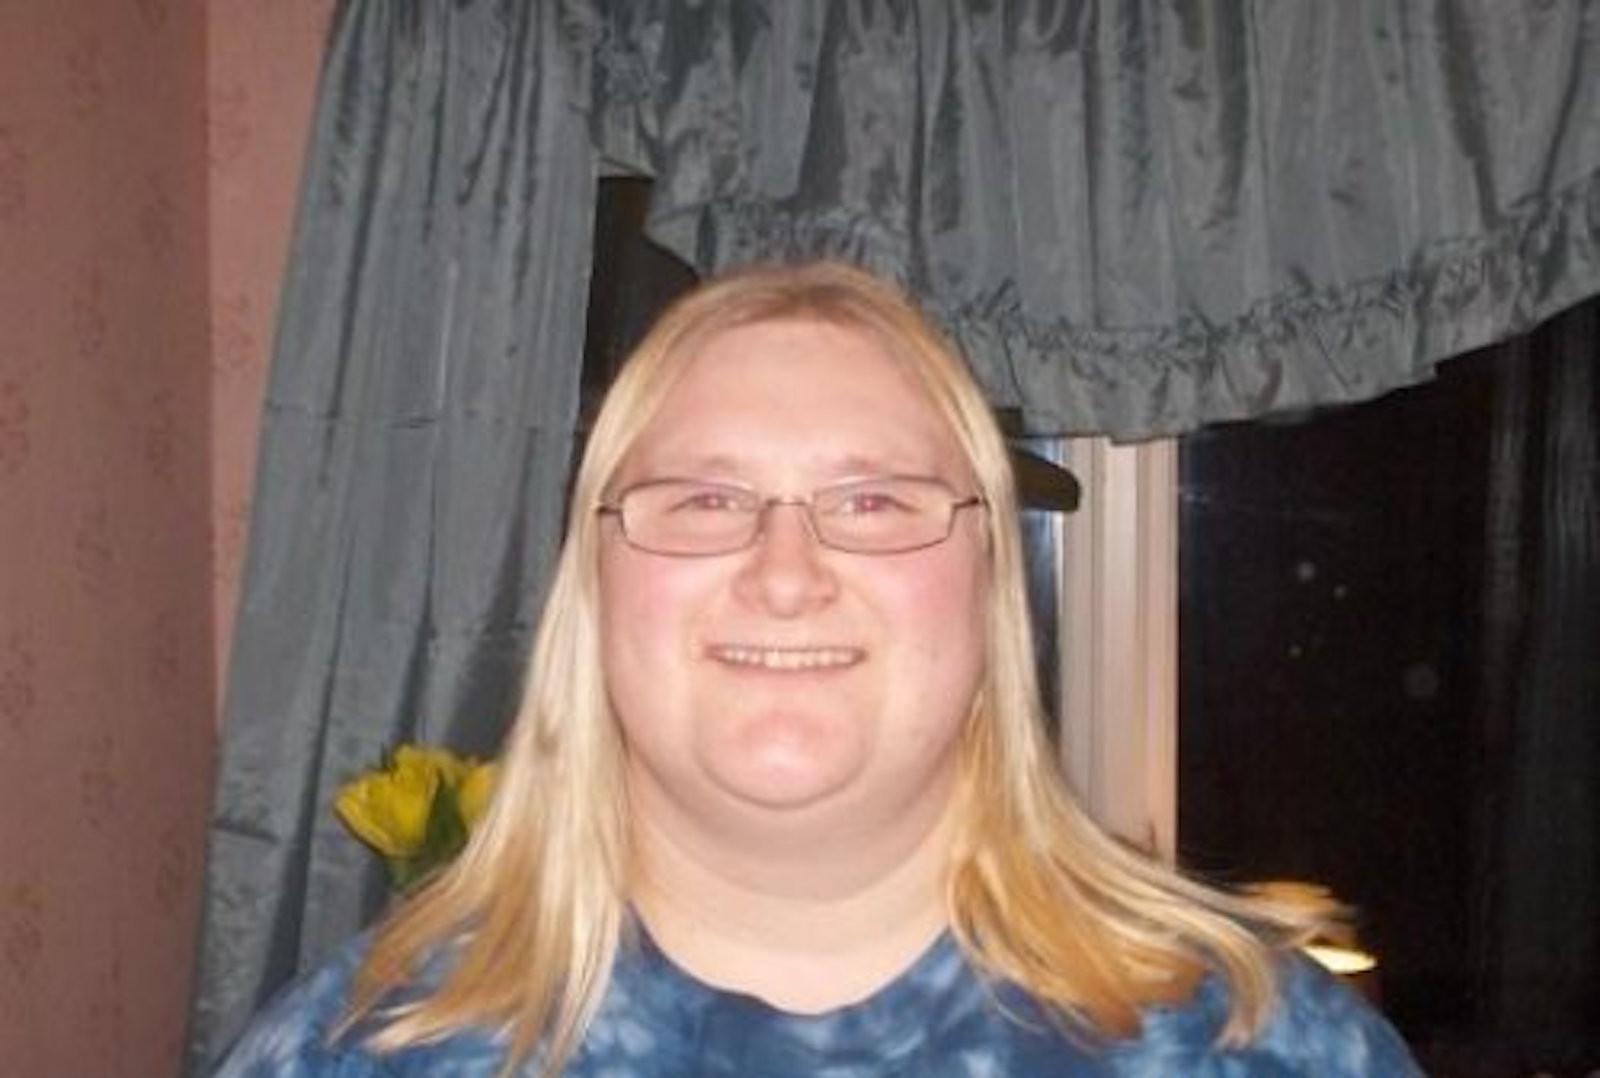 Фото молодых и некрасивых толстушек, Голые толстухи фото - толстые девушки 19 фотография